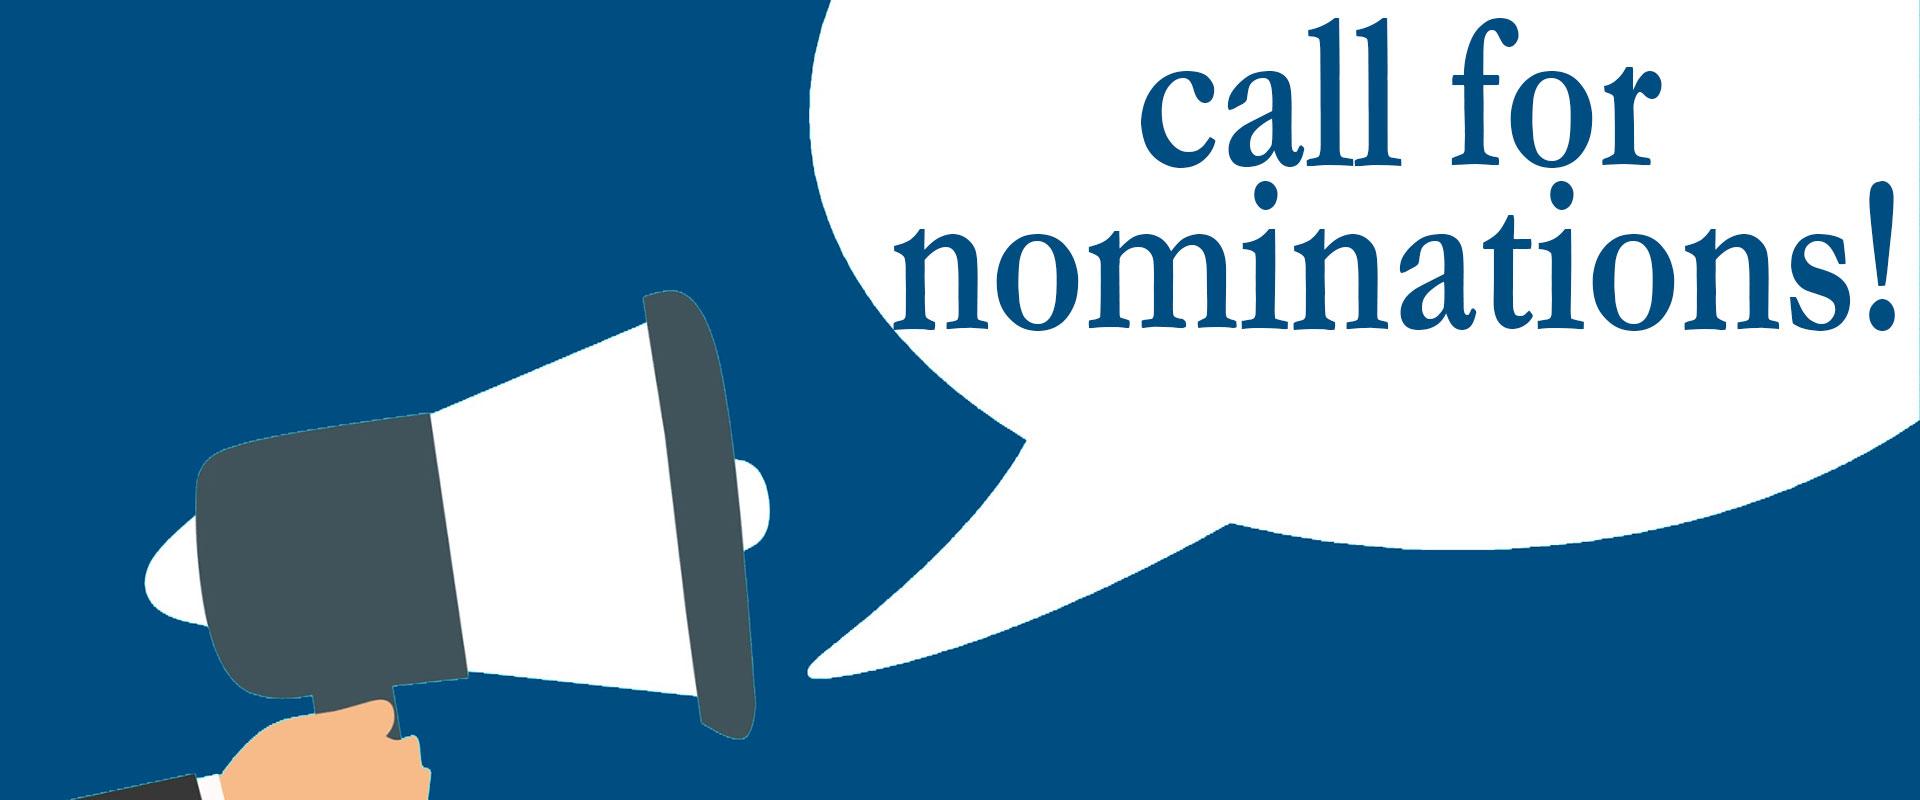 news_nominations.jpg